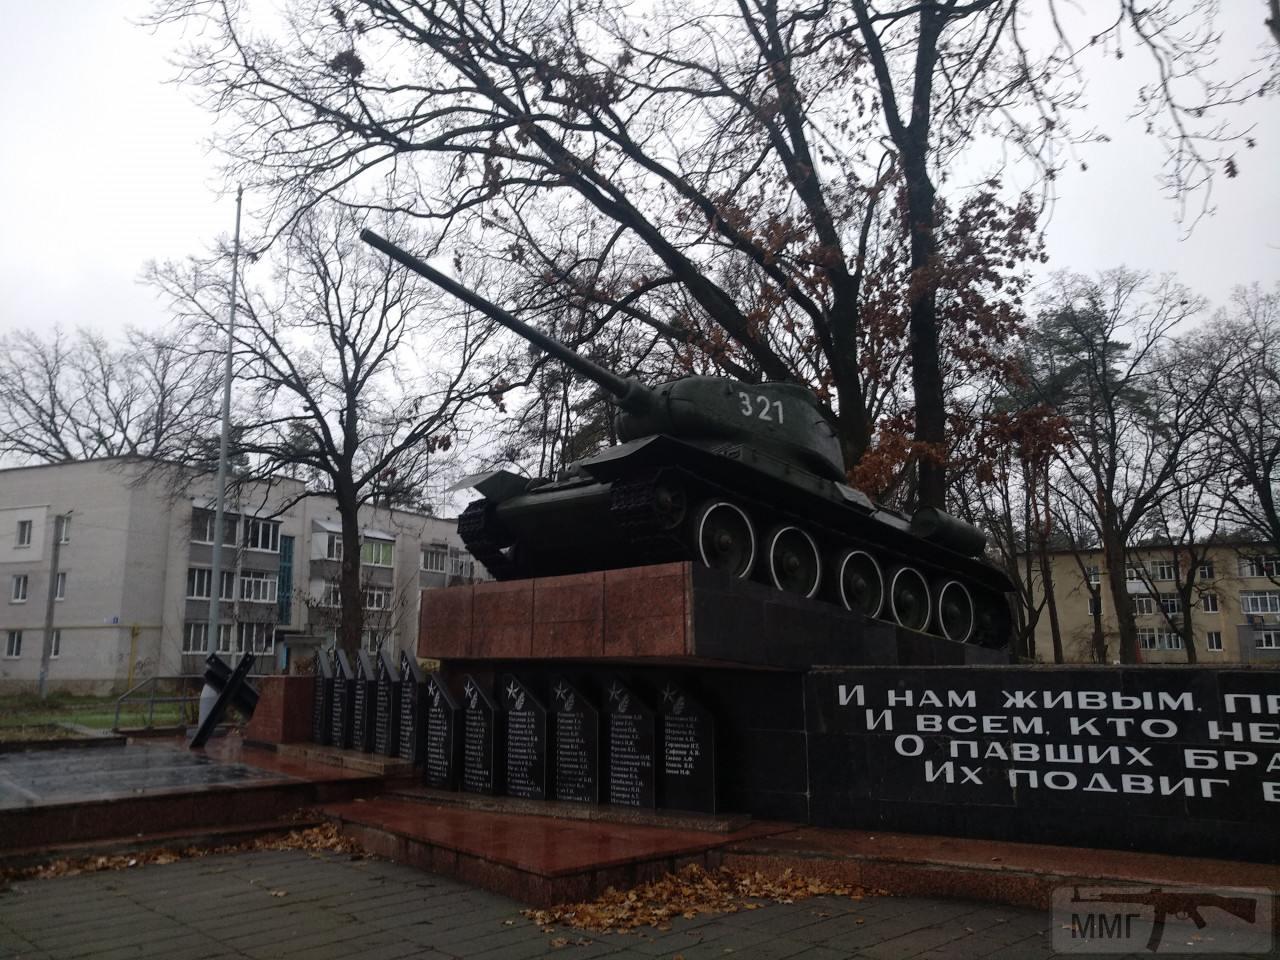 82062 - Танки-памятники в Украине